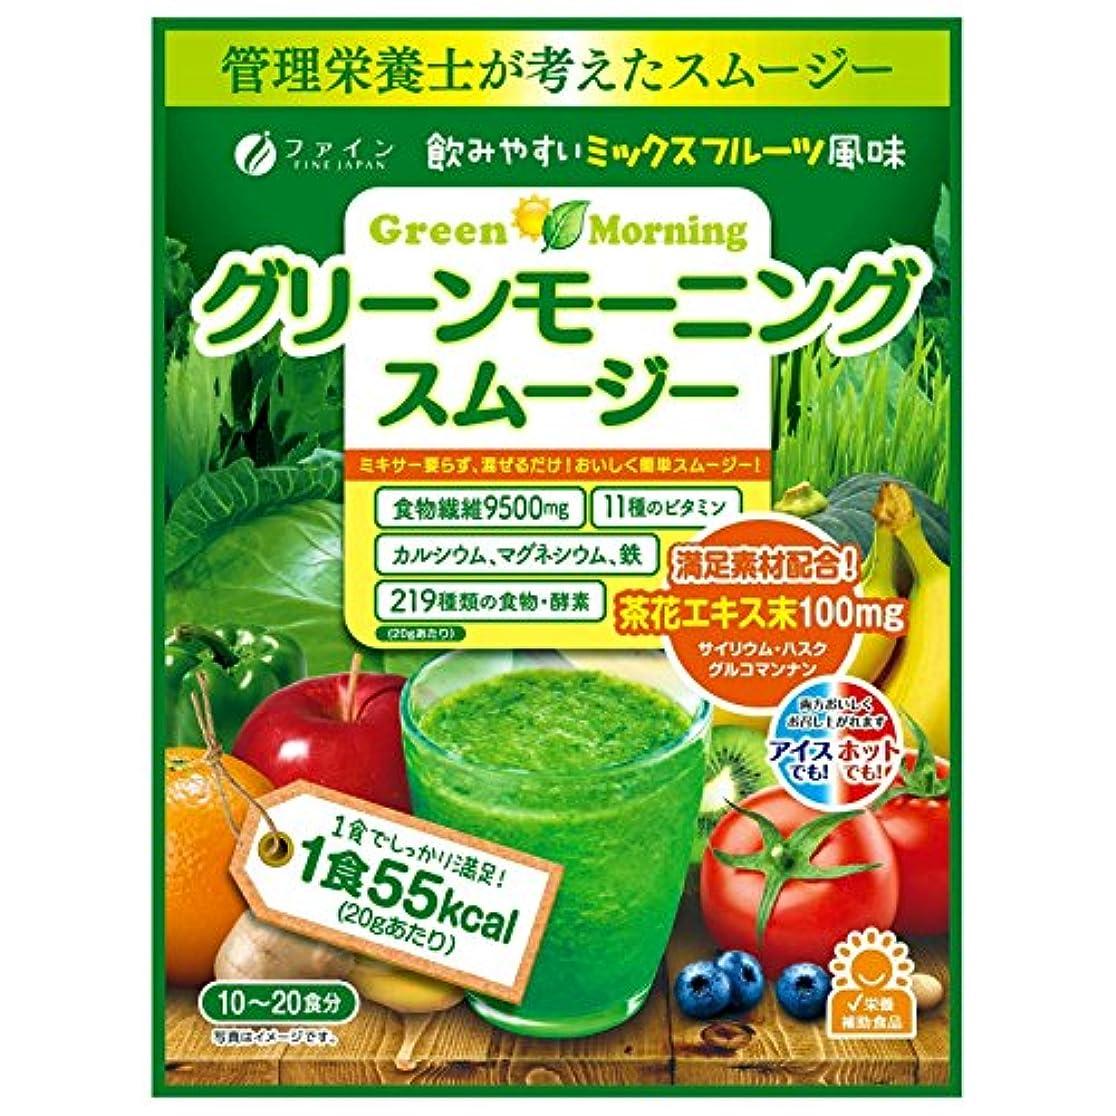 通訳俳優全部ファイン グリーンモーニングスムージー ミックスフルーツ風味 200g×4個セット